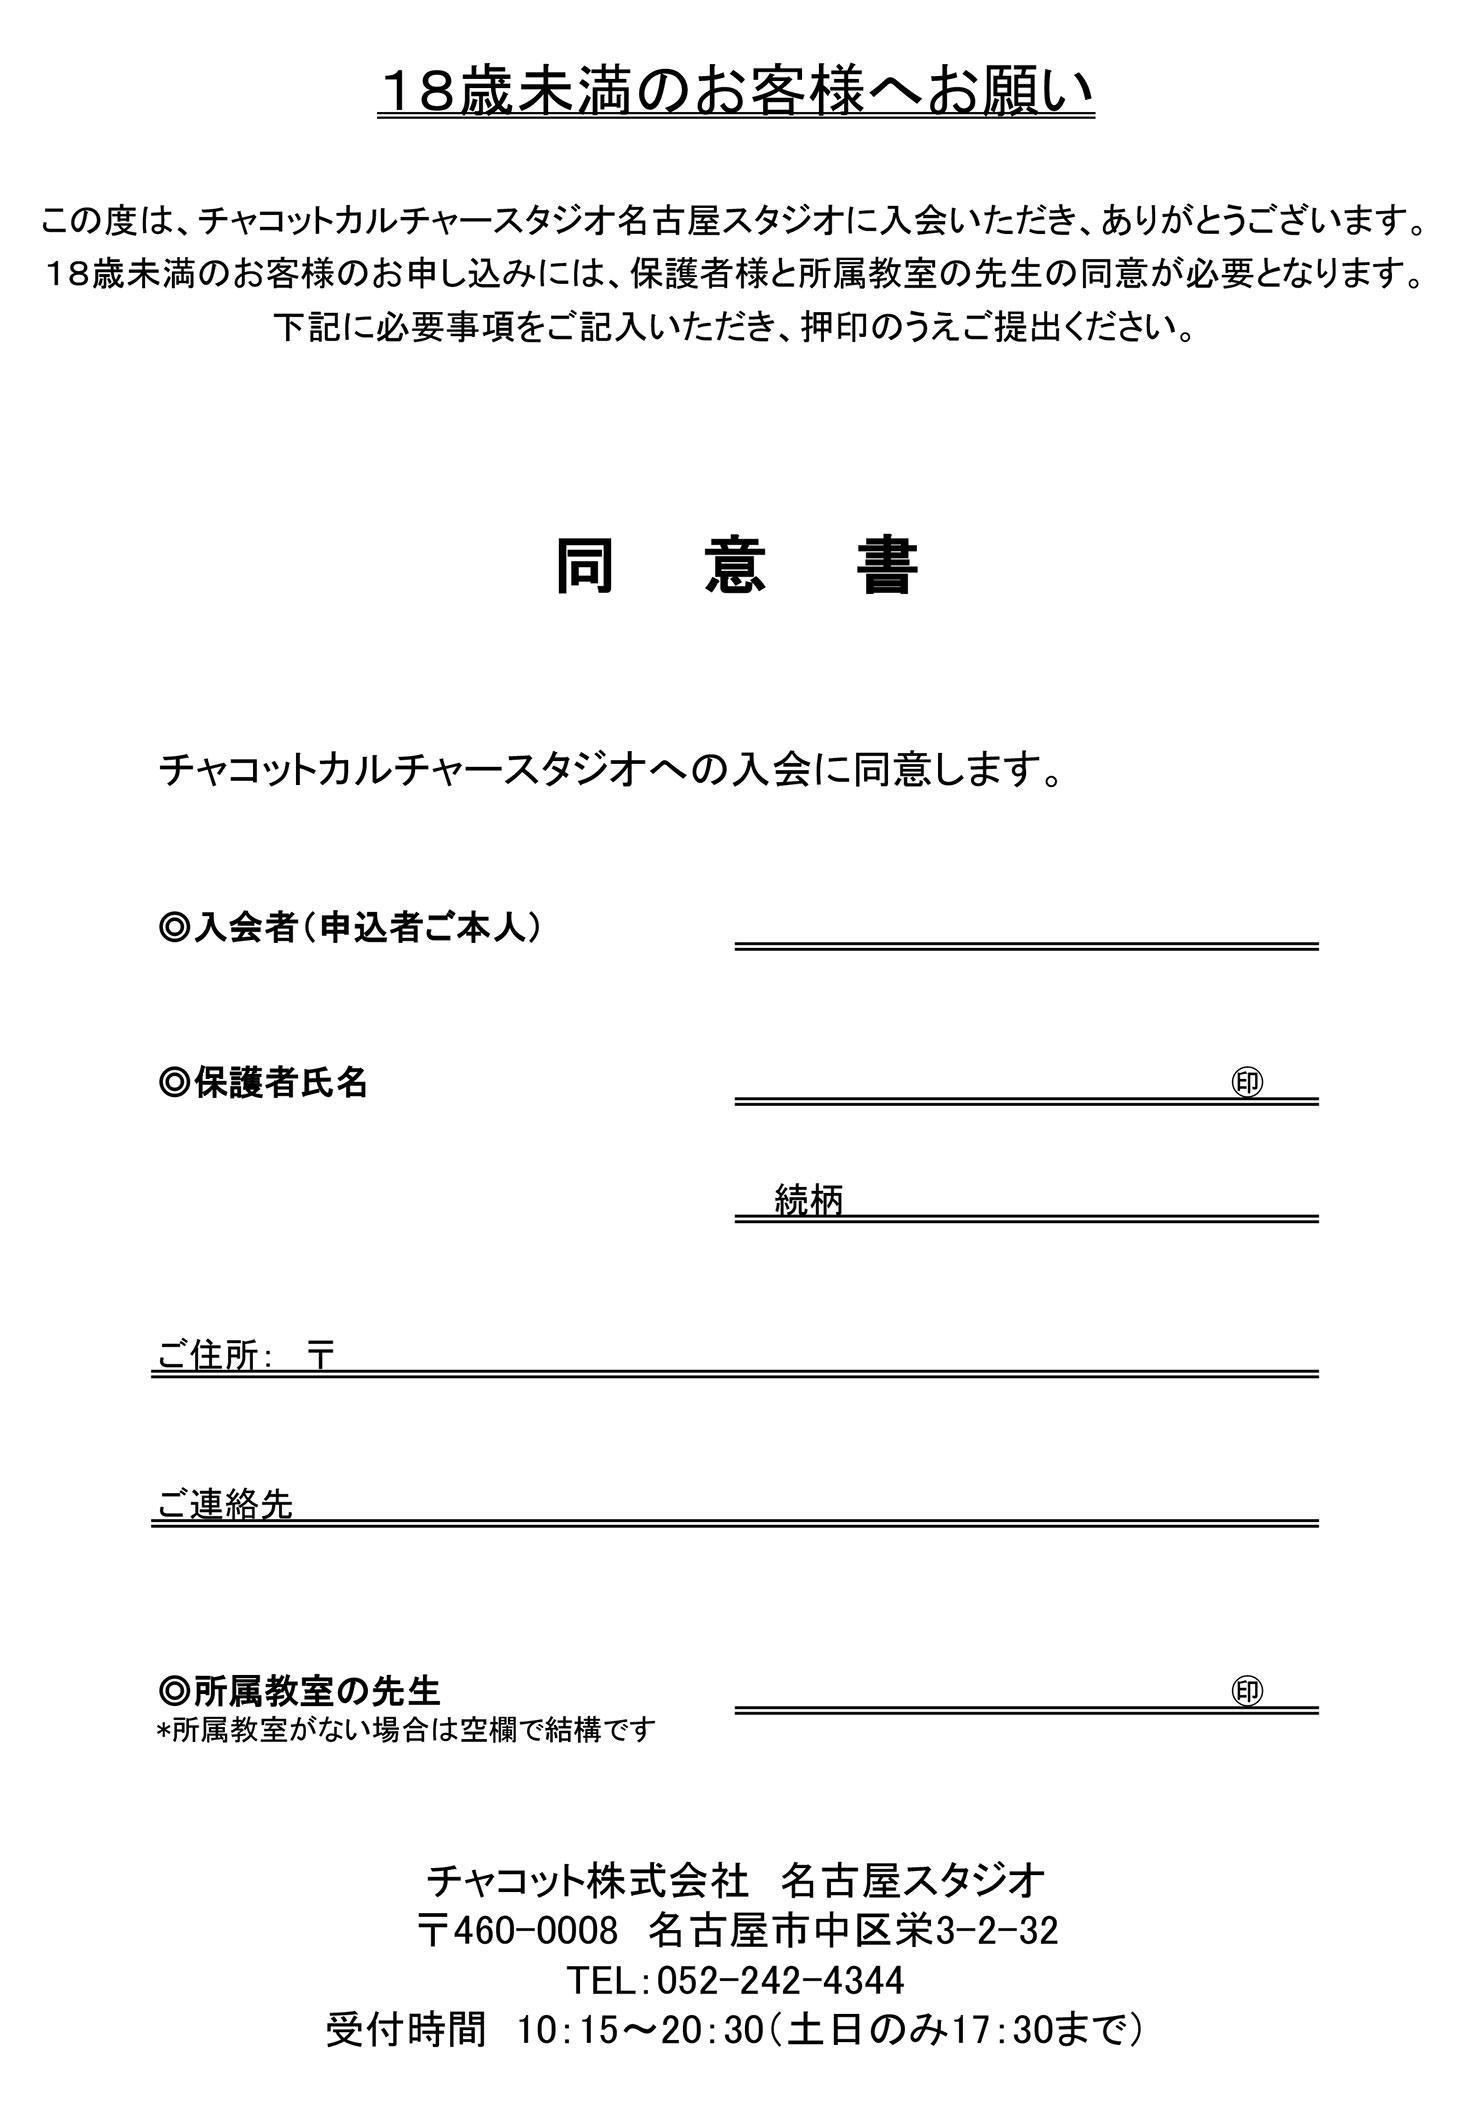 nagoya_consentform_img.jpg